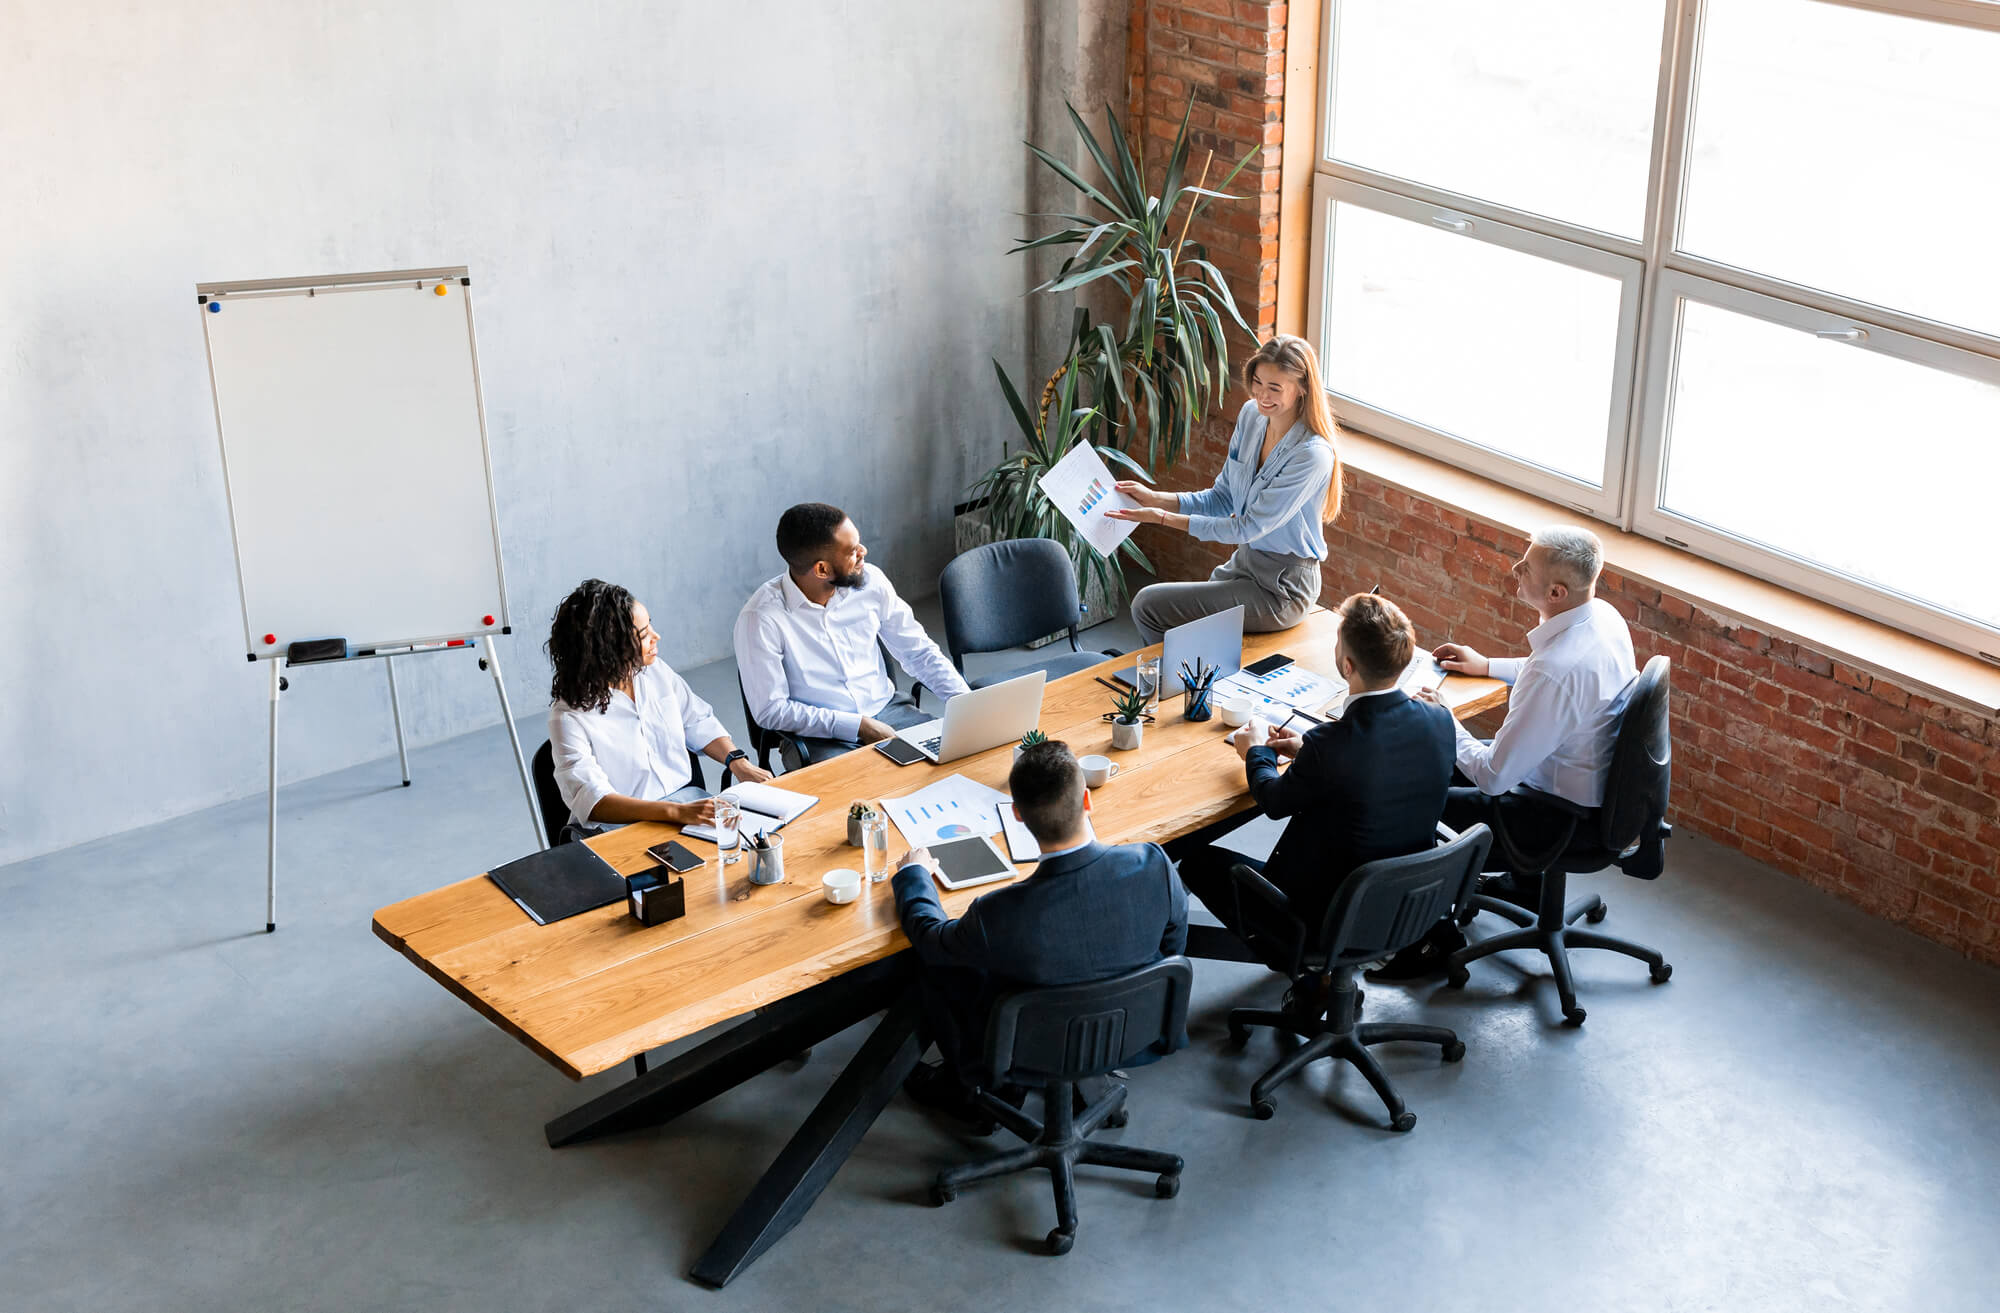 Несподіваний спосіб поліпшення результатів роботи компаній: ефективне управління проблемами влади в організації